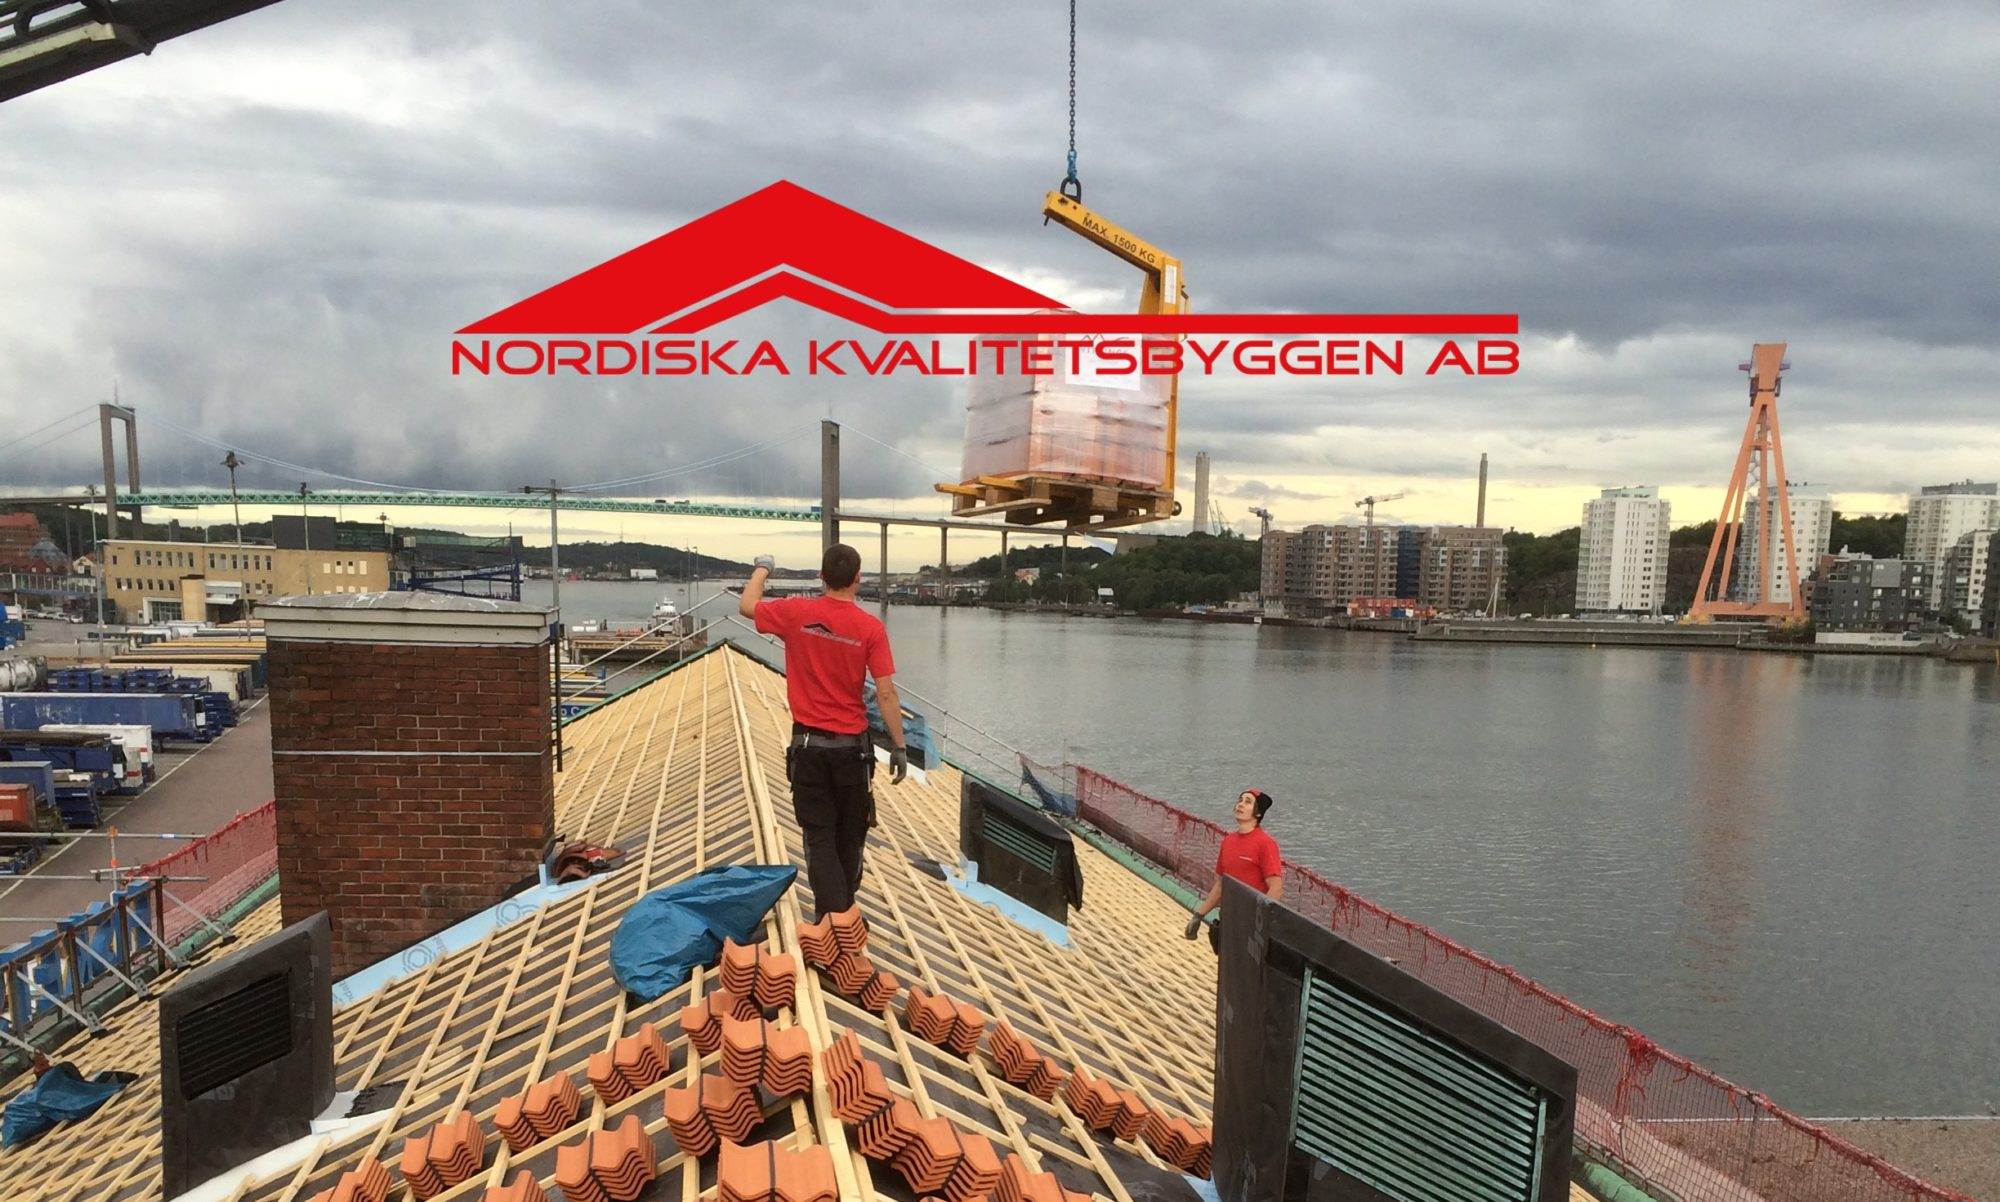 Nordiska Kvalitetsbyggen AB